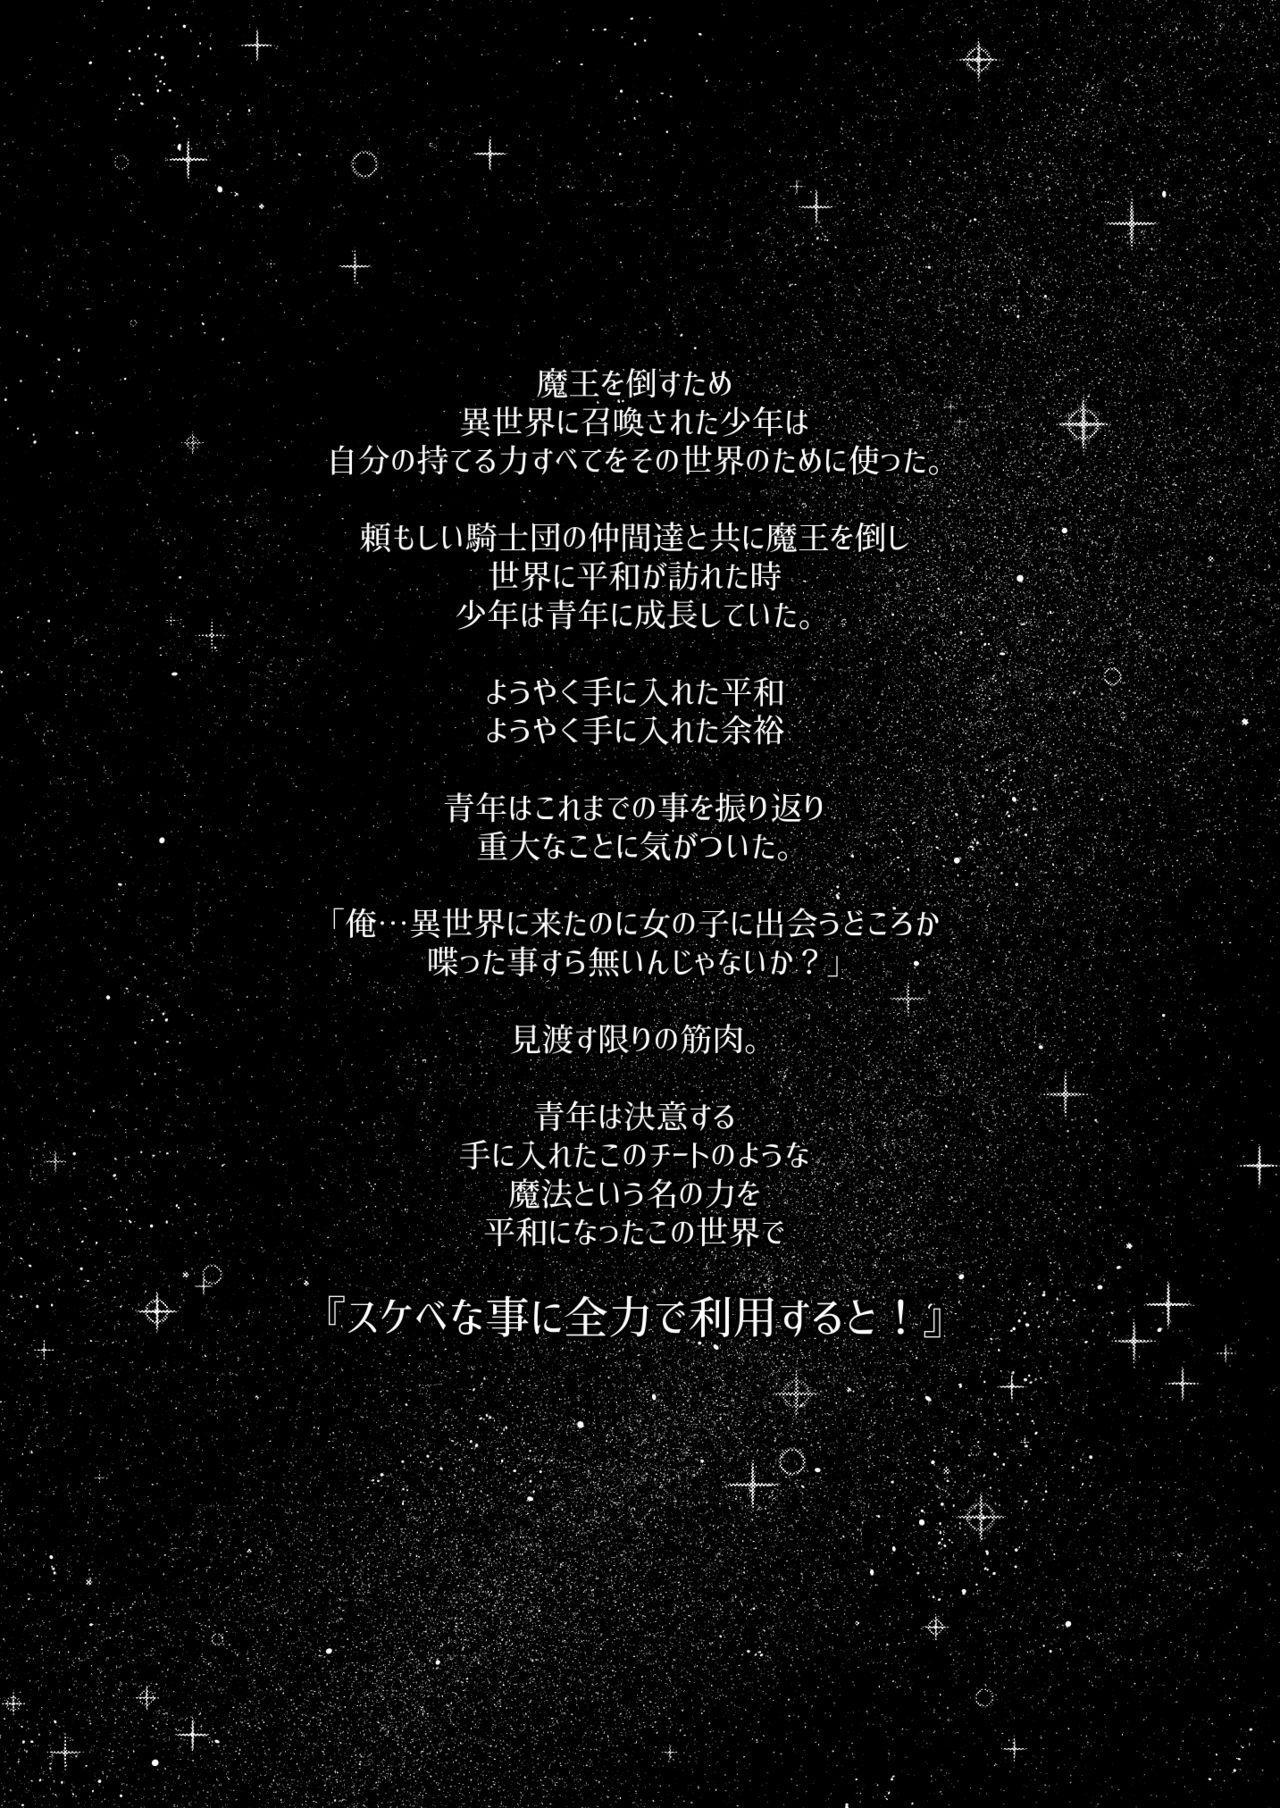 Isekai Kita no de Mahou o Sukebe na Koto ni Riyou Shiyou to Omou 2